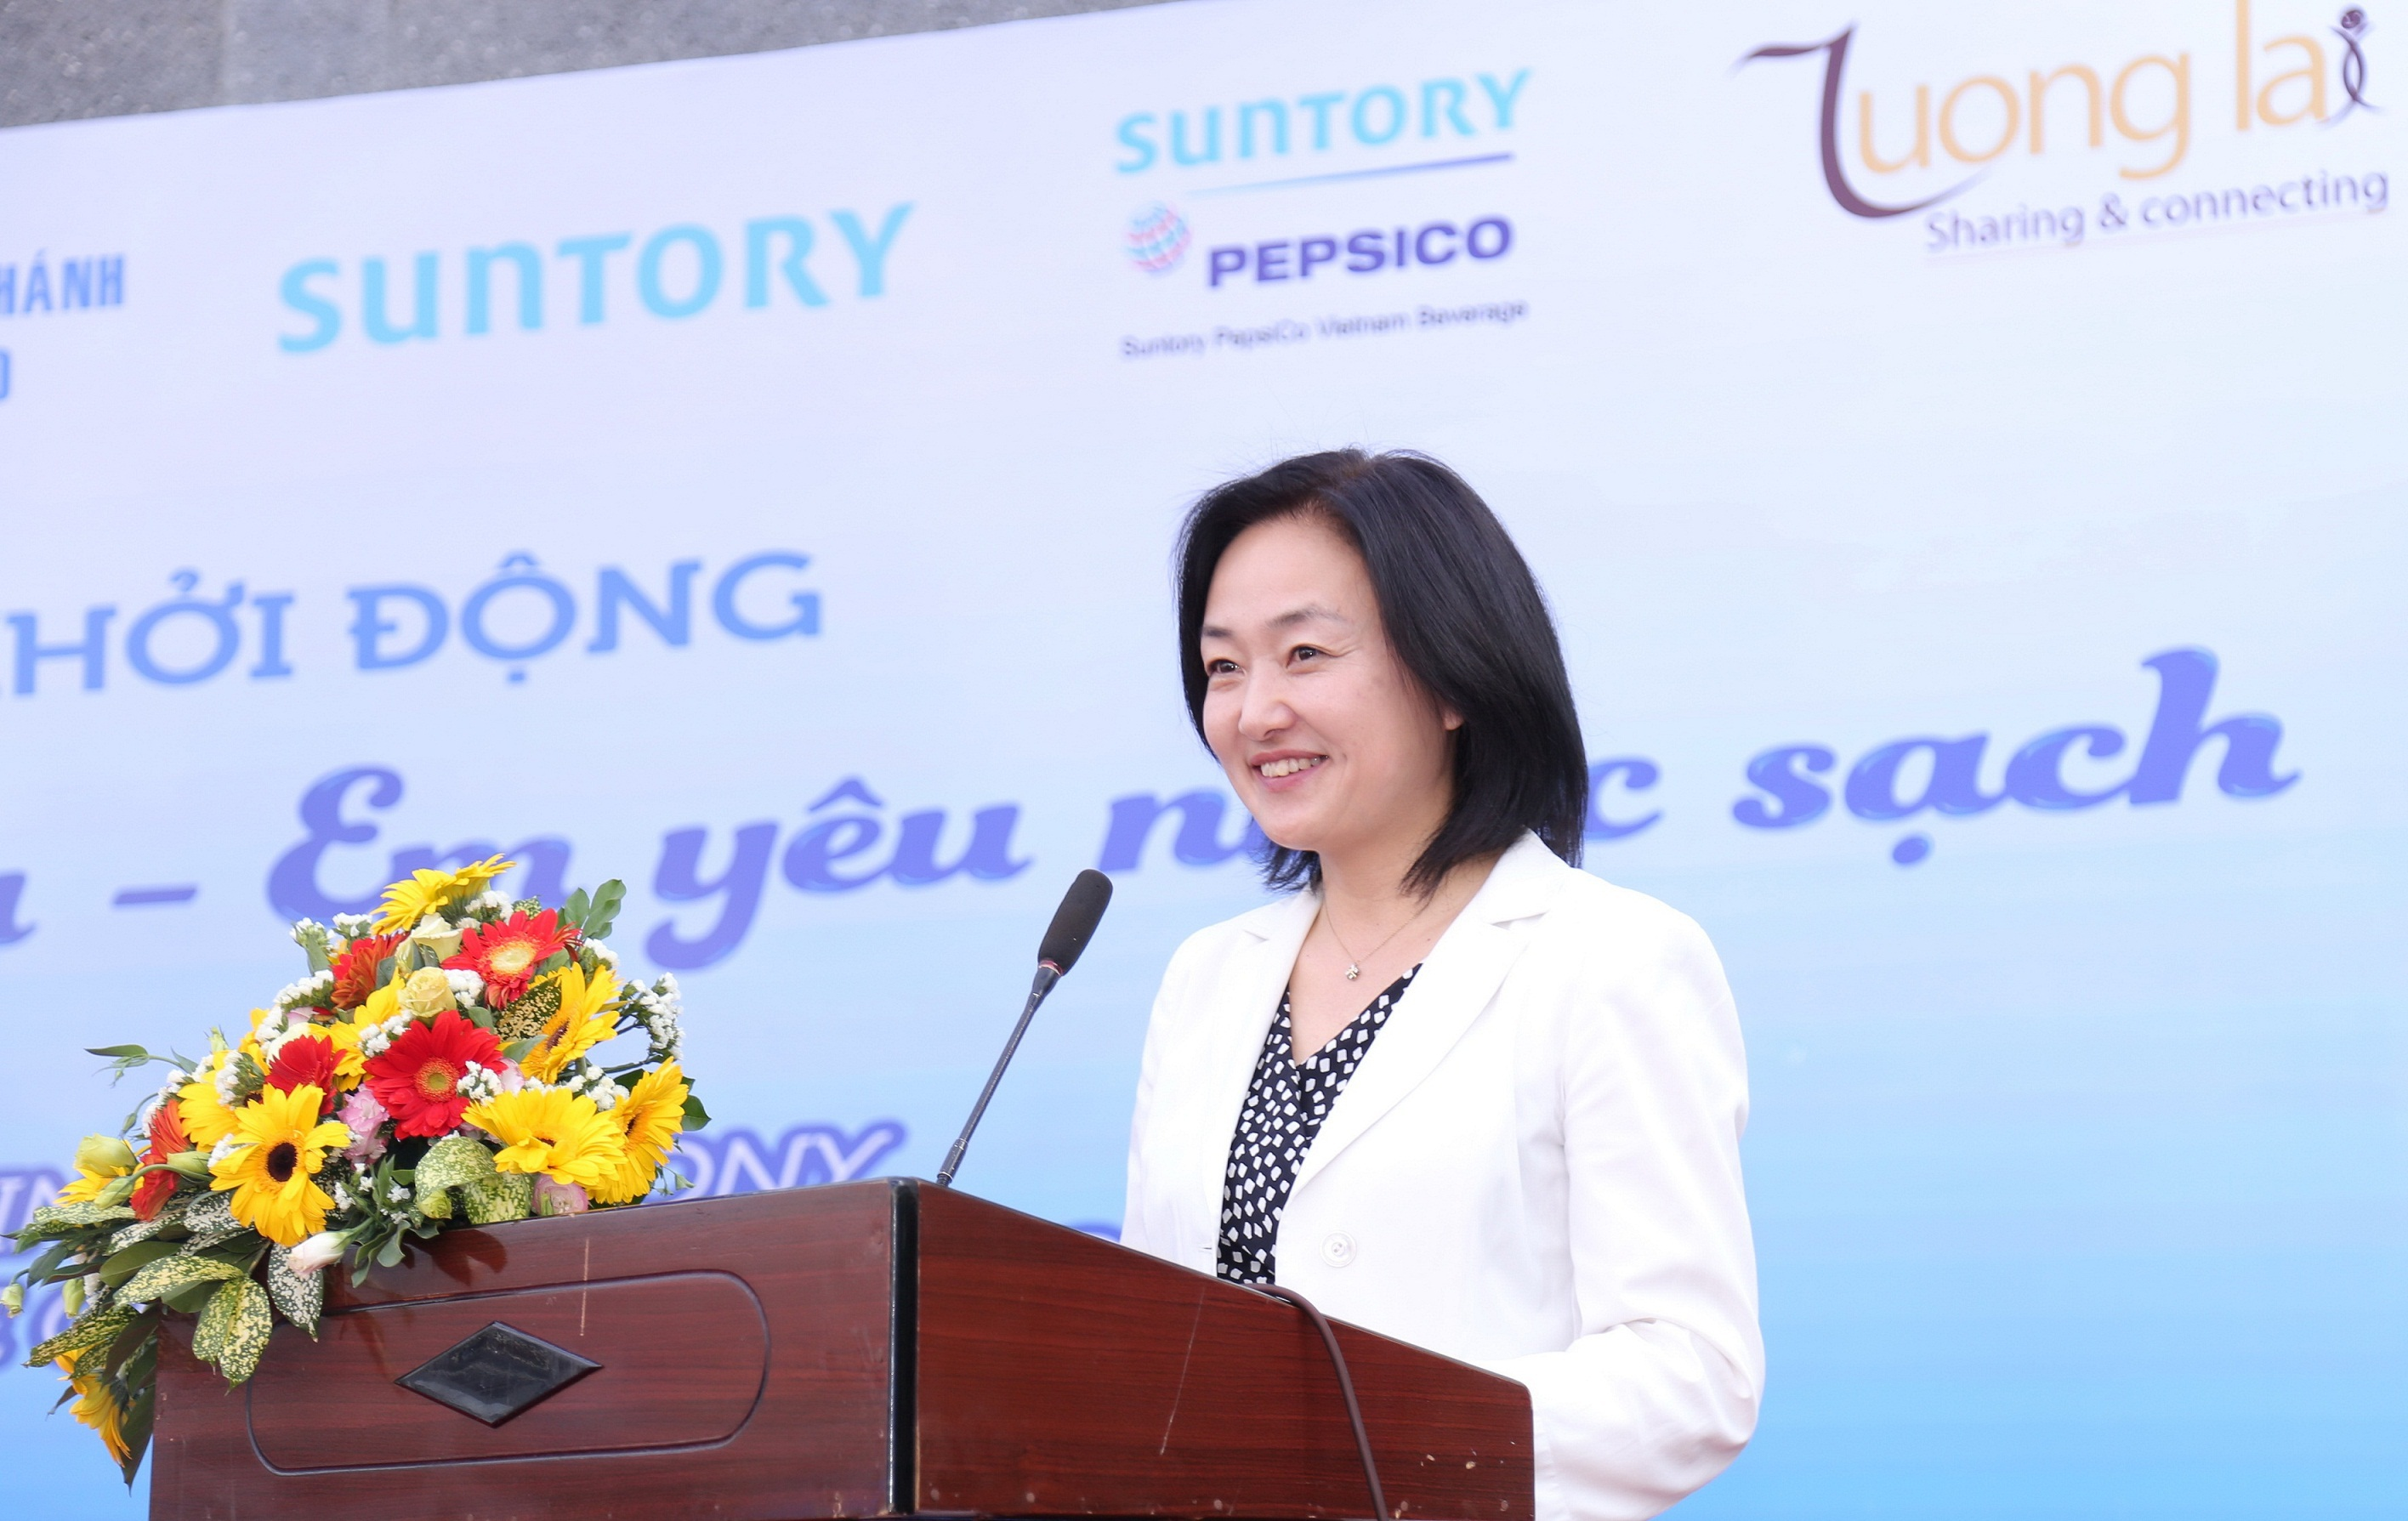 Bà Tomomi Fukumoto, Phó Giám đốc Điều hành, Bộ phận truyền thông doanh nghiệp – Tập đoàn Suntory cho biết dự án sẽ có nhiều nội dung đổi mới trong năm 2016